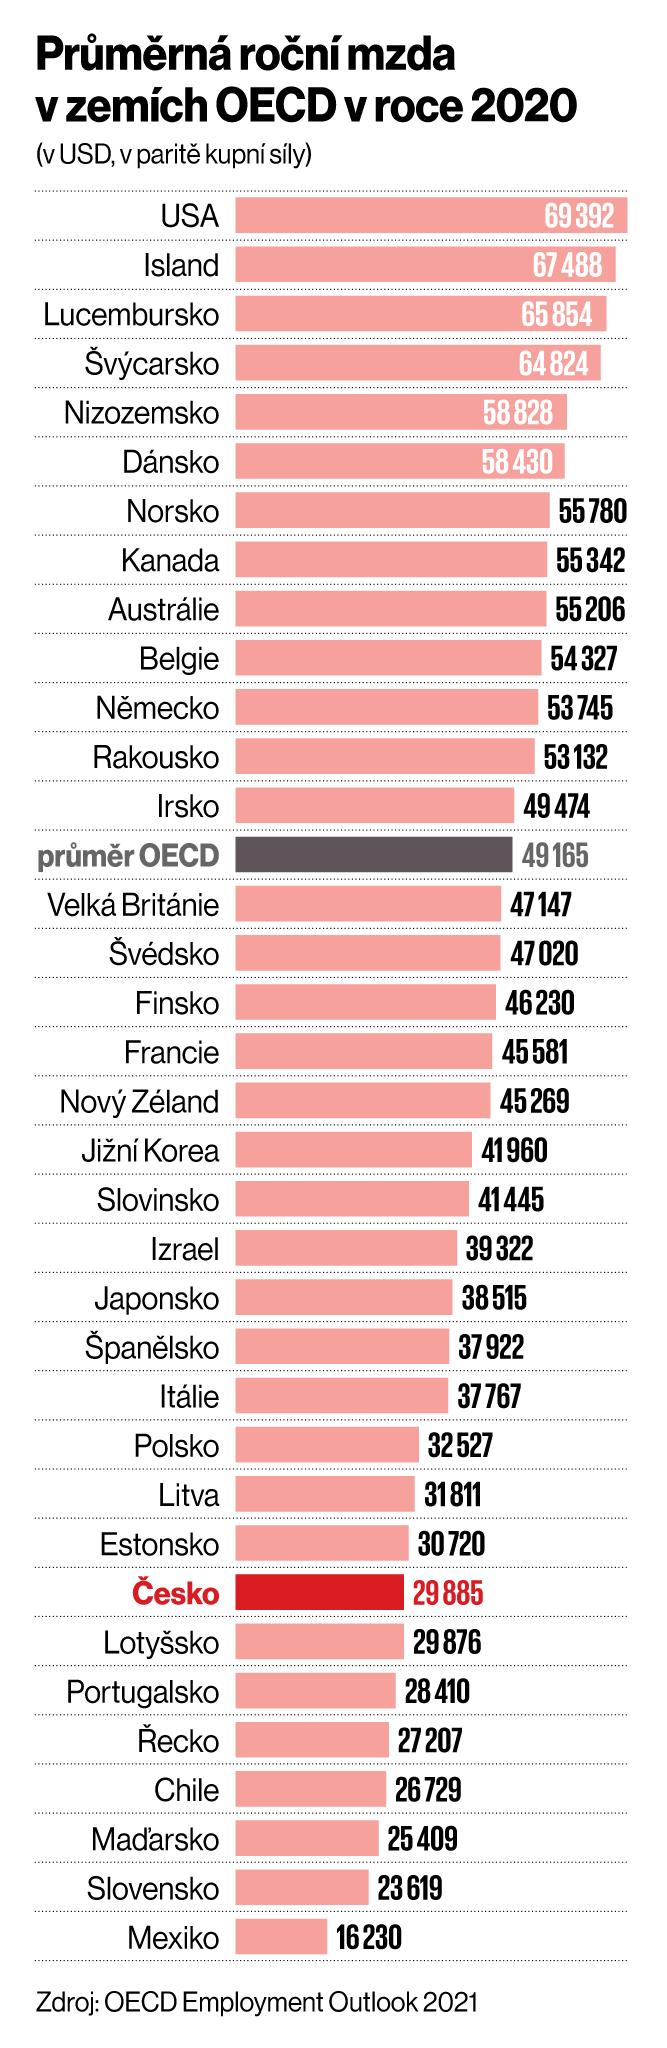 Polistopadová bilance: Politika pomohla byznysu třikrát, teď už na to ale nemá sílu